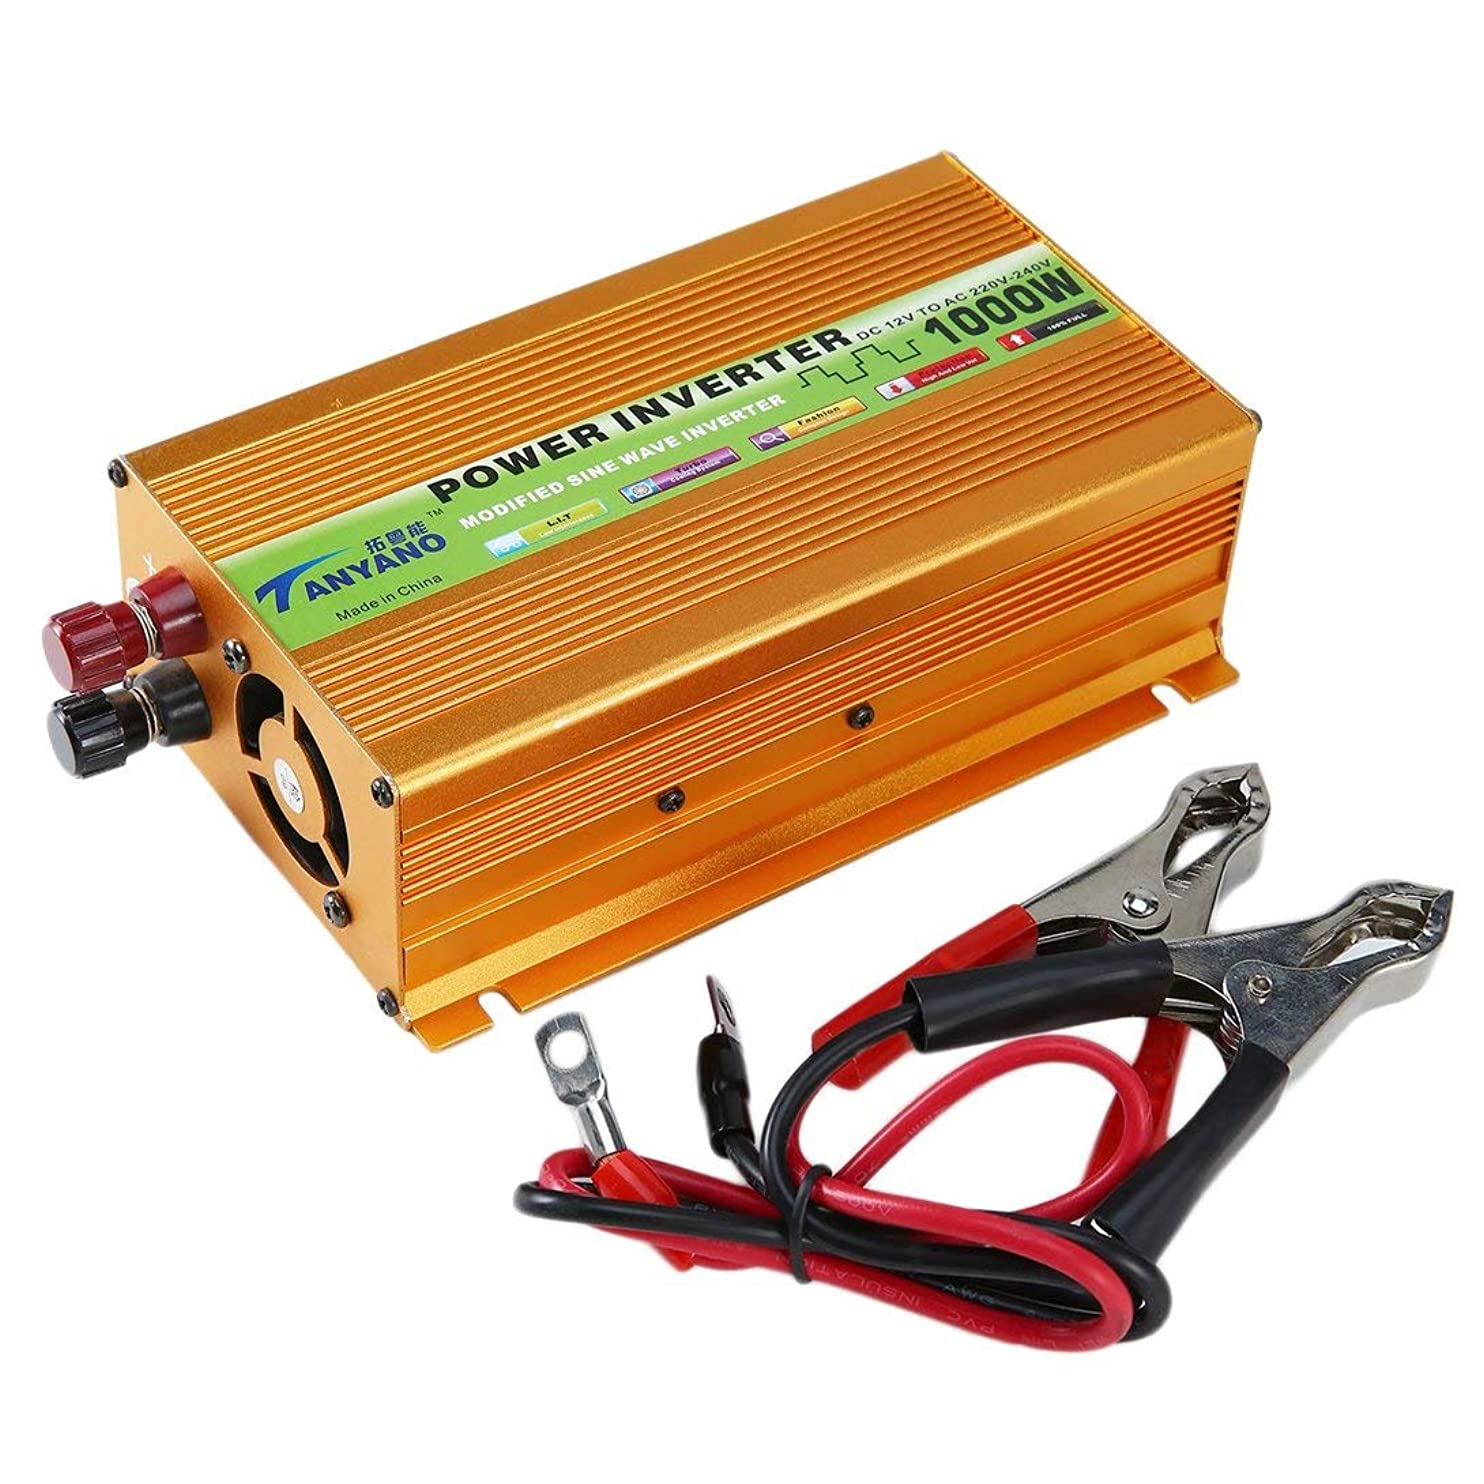 意気消沈したアジャ一時解雇するSwiftgood 車の電源インバーター正弦波電源インバーターDC 12 vにAC 220 v USBアダプターポータブル電圧変圧器車の充電器